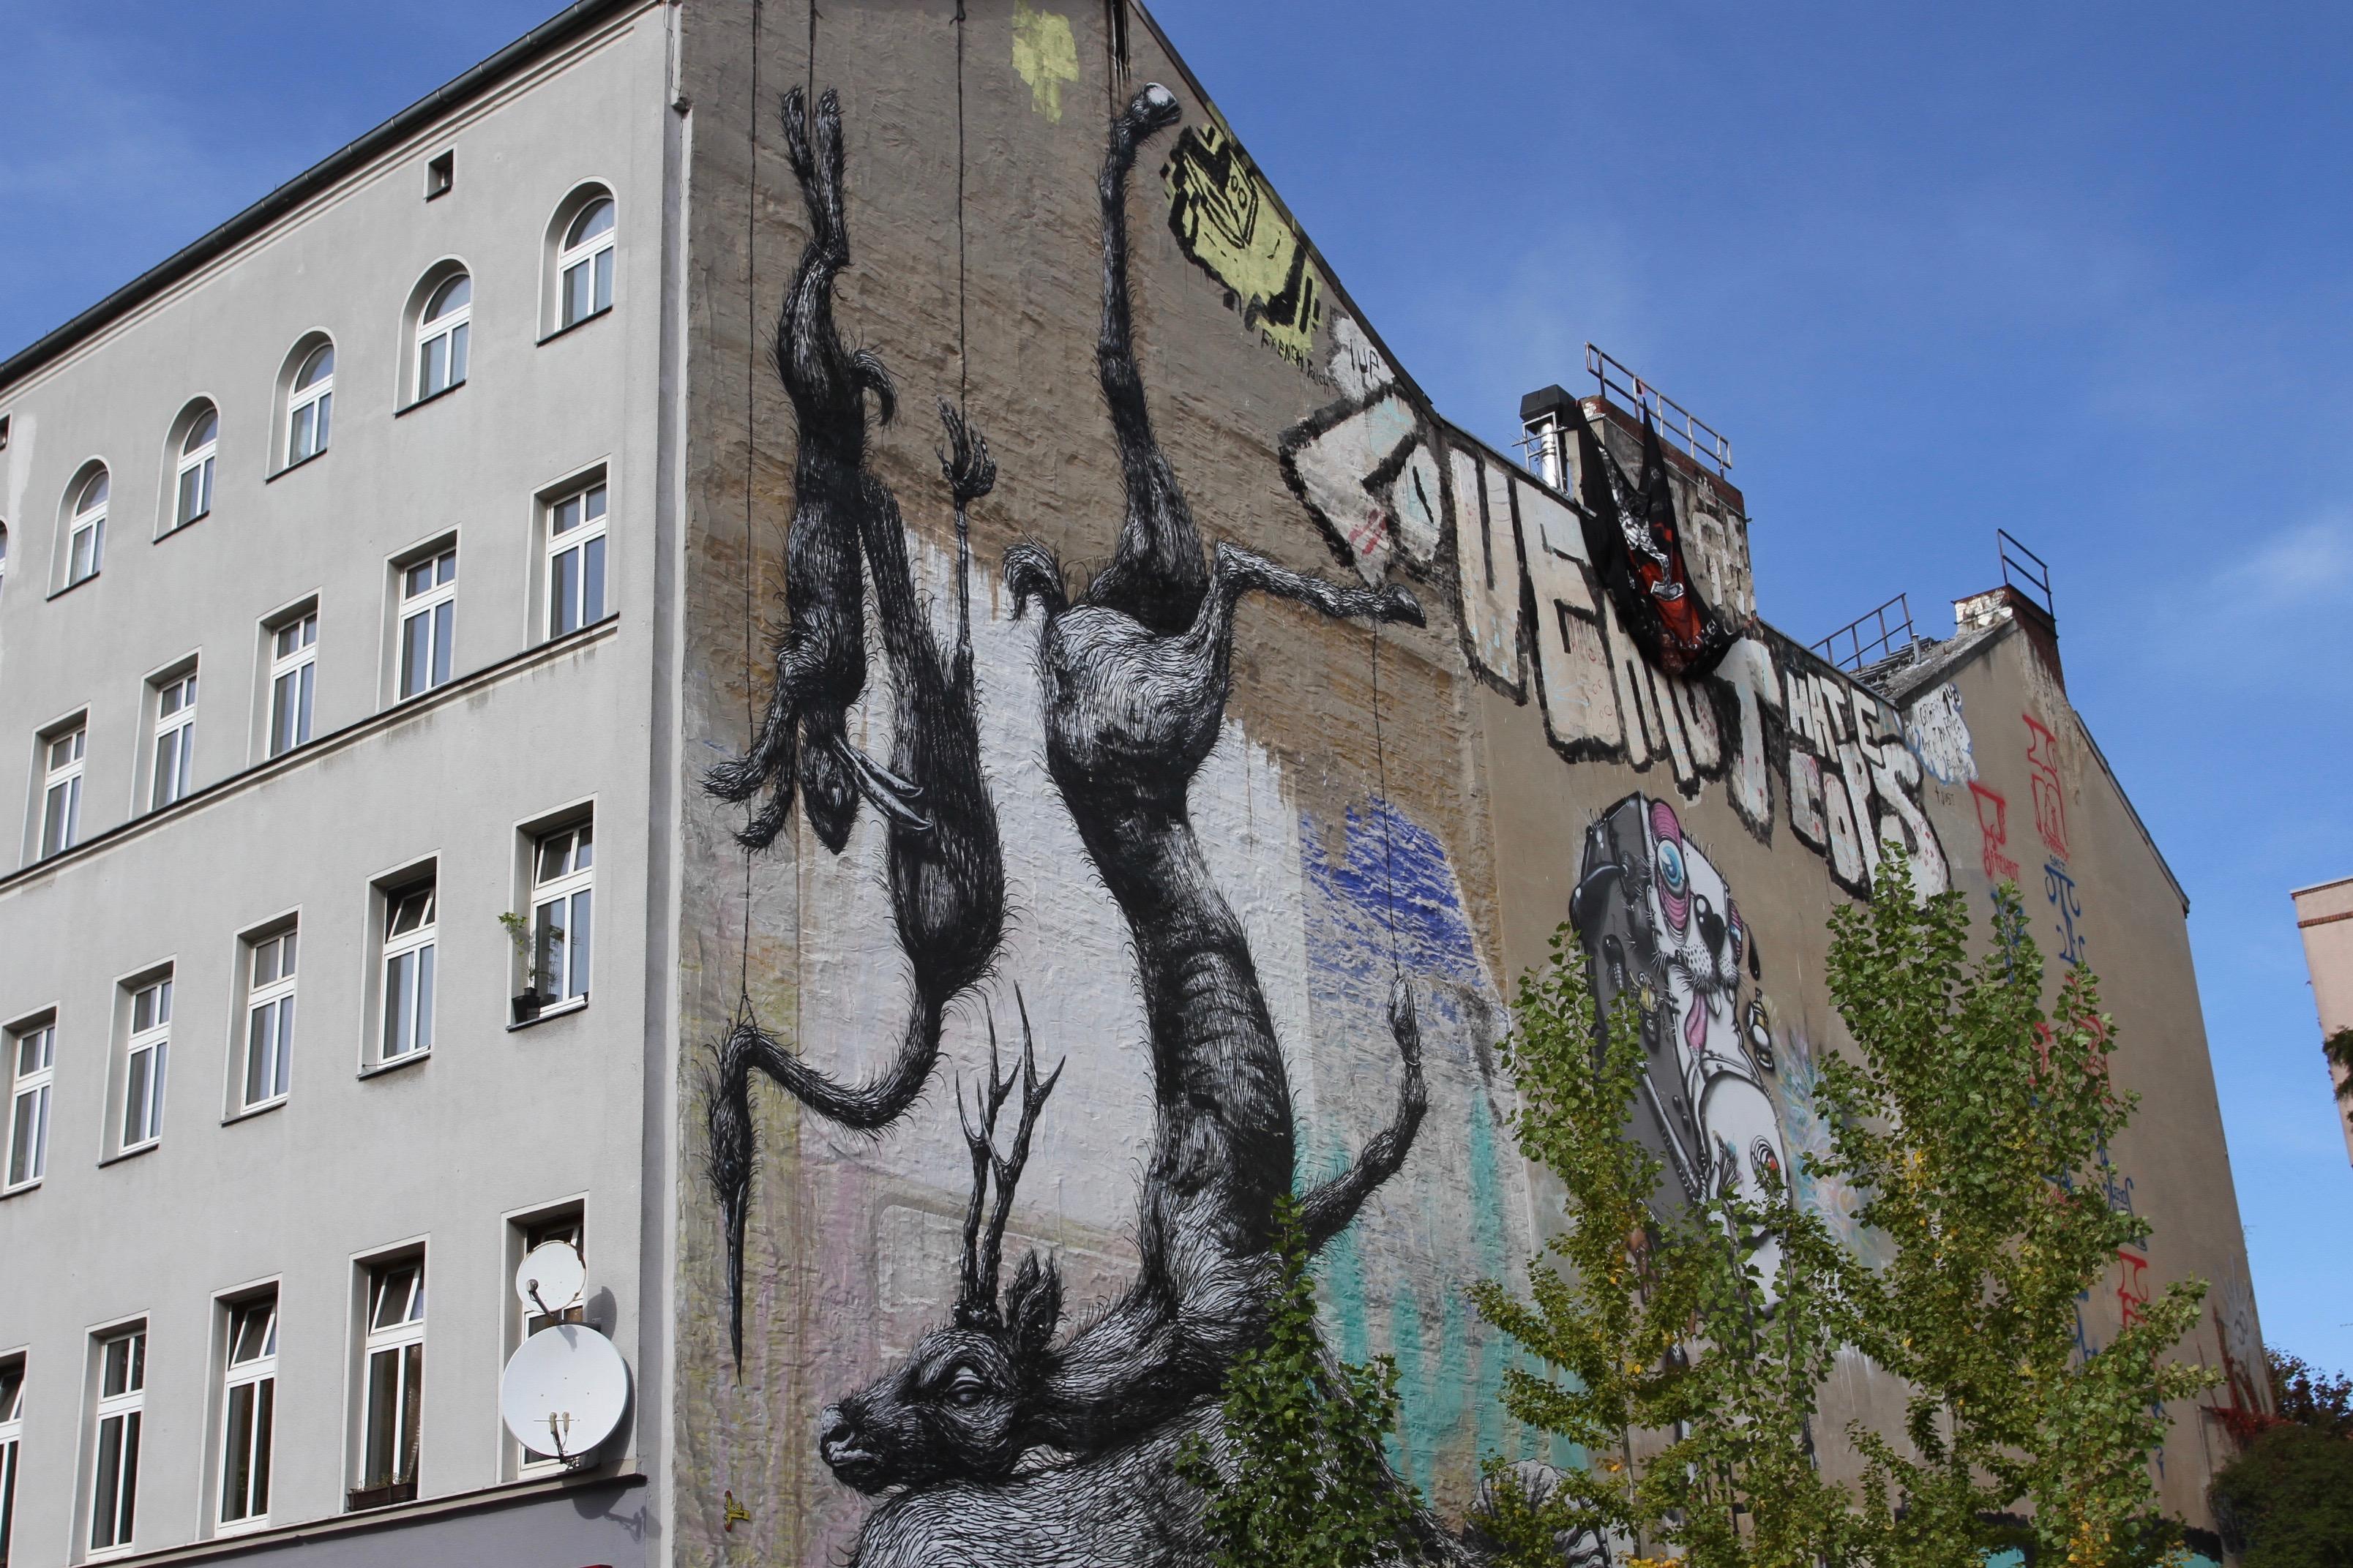 ROA, street art, Berlin, Germany